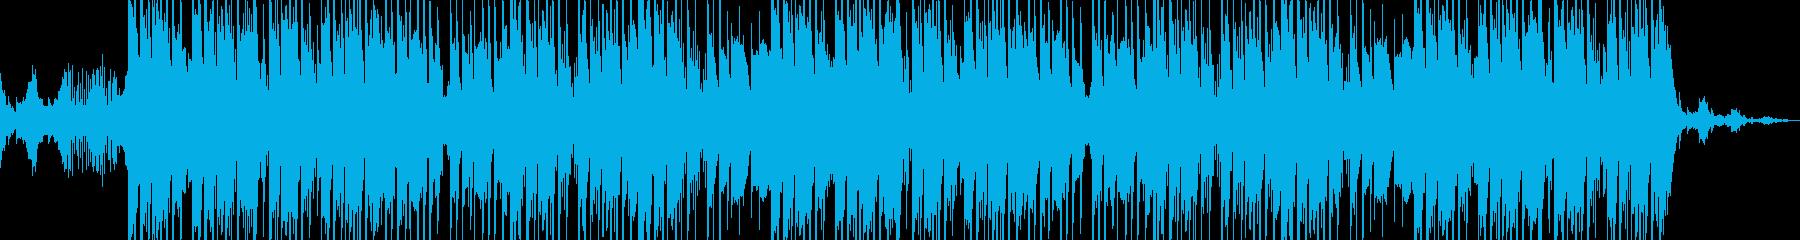 幻想的なヒップホップ・トラップの再生済みの波形